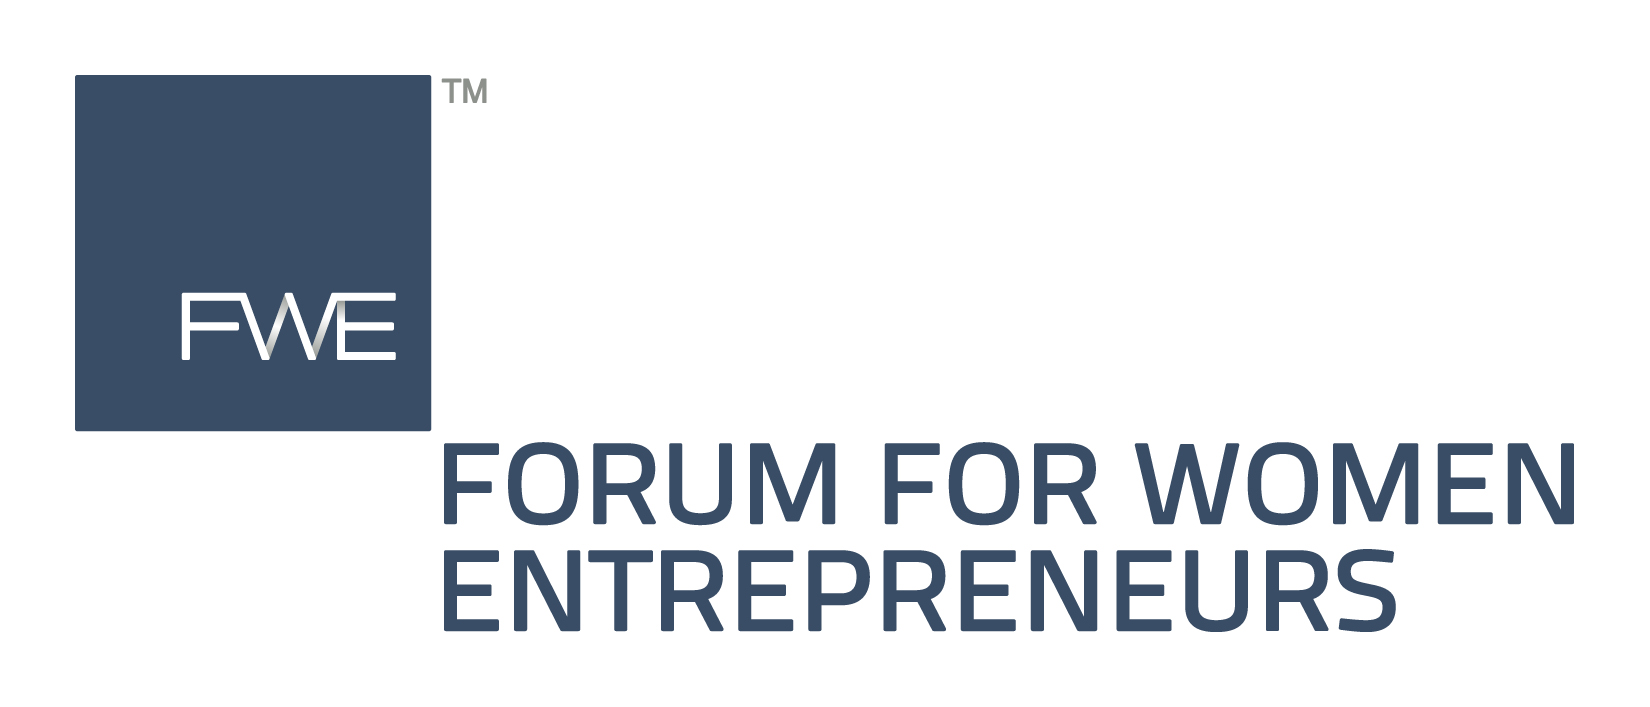 The Forum for Women Entrepreneurs